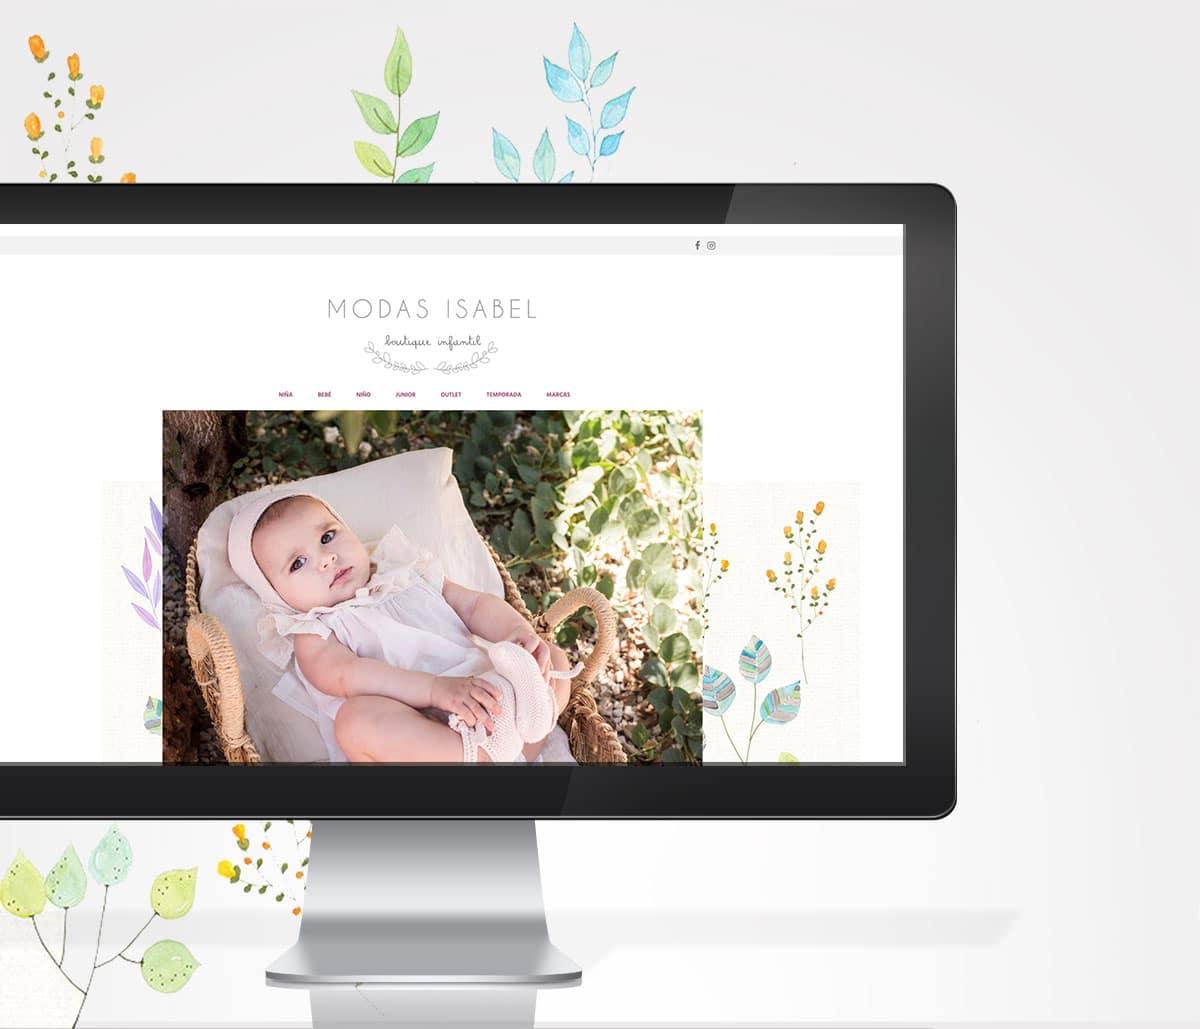 Diseños de web para tienda de ropa